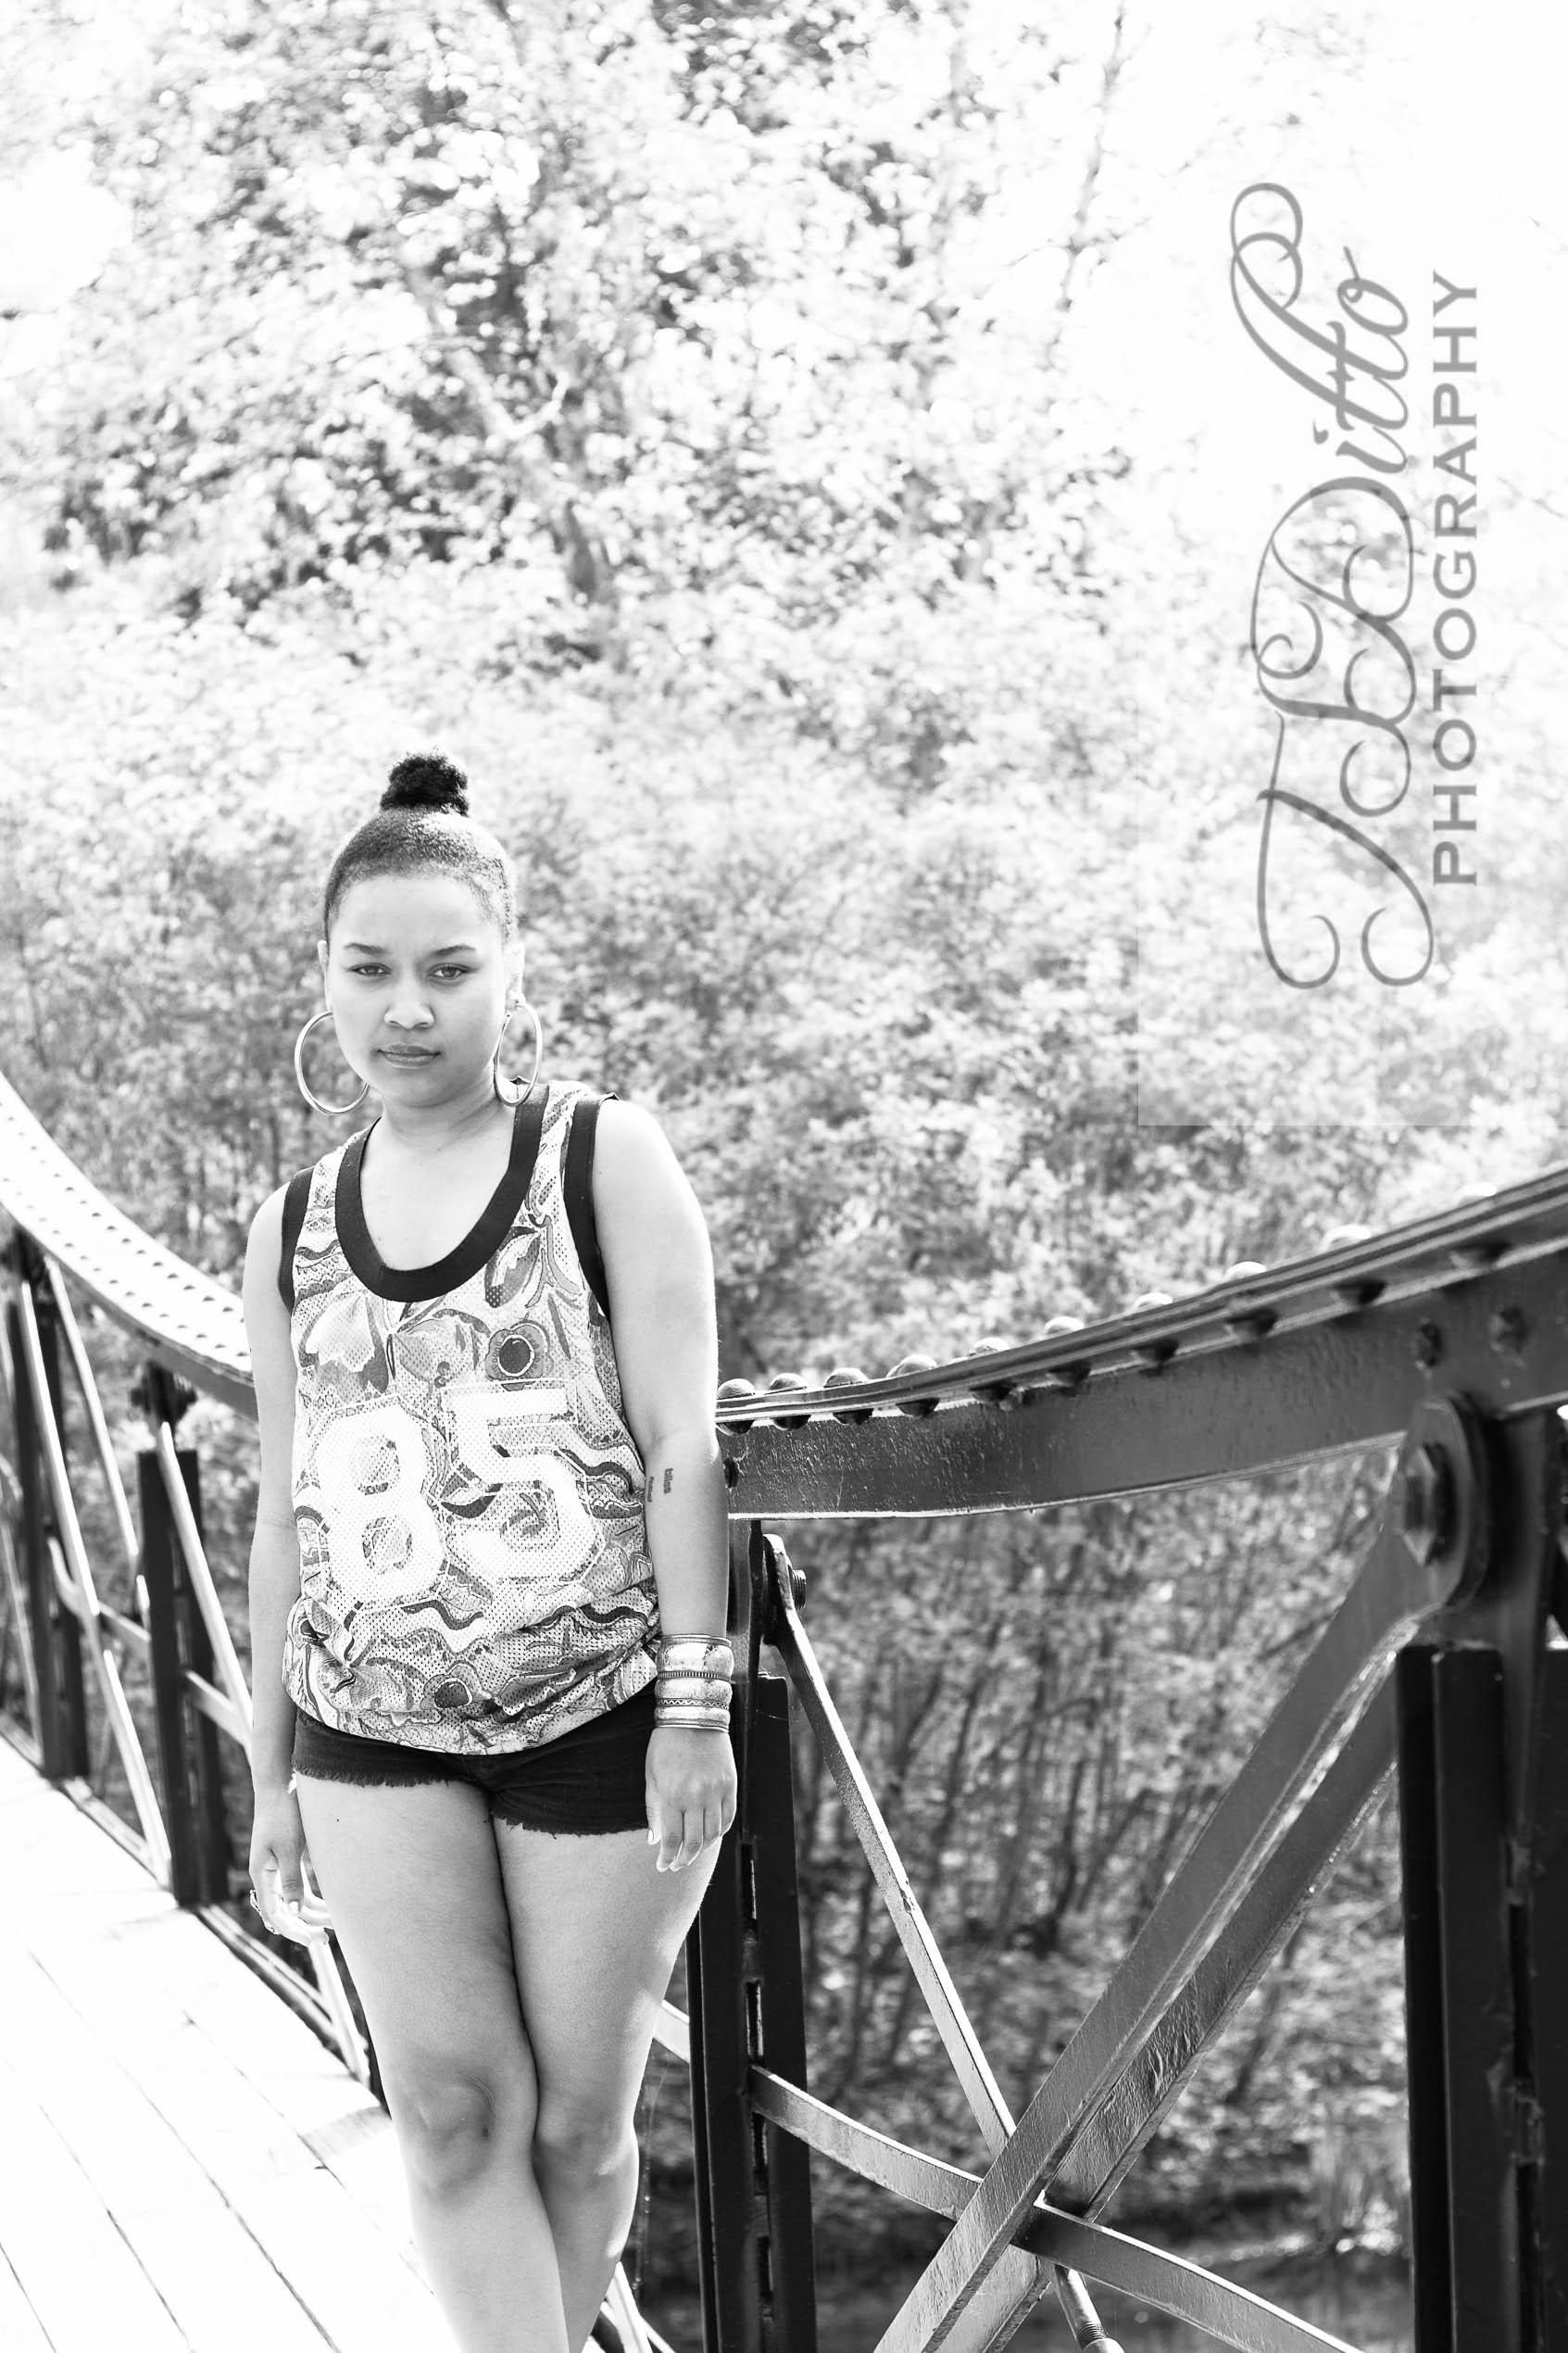 Missy in the park-2.jpg